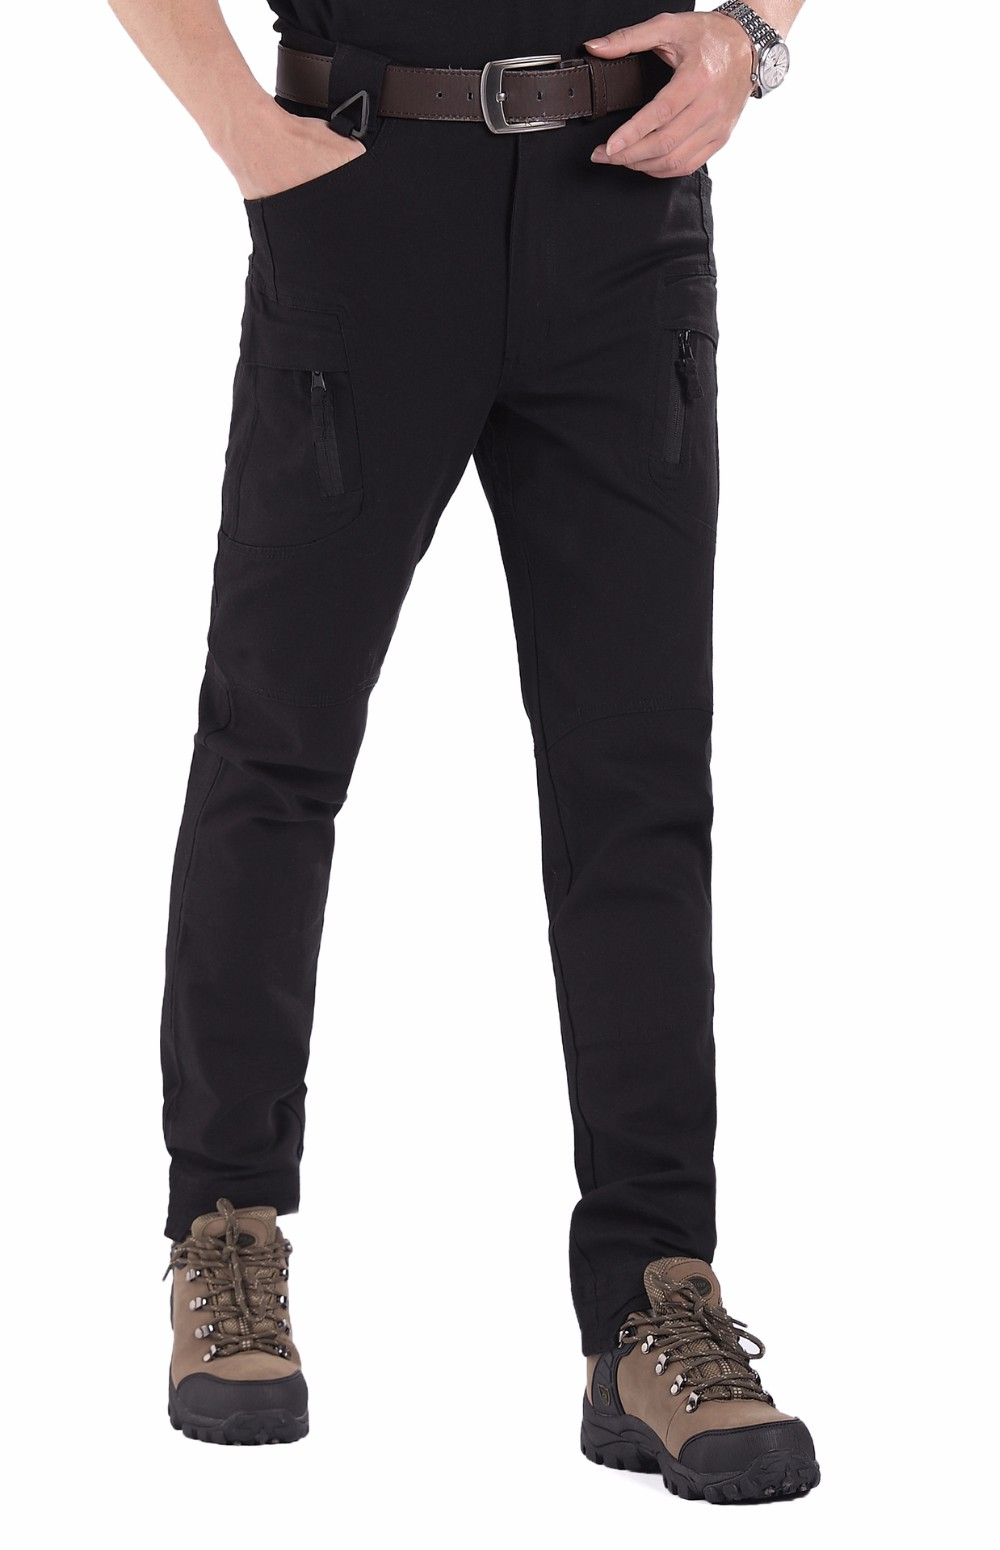 Bene Ix9 (ii) Tattico Militare Pantaloni Cargo Uomini Di Combattimento Swat Esercito Militare Pantaloni Di Cotone Tasche Paintball Abbigliamento Casual Pantaloni